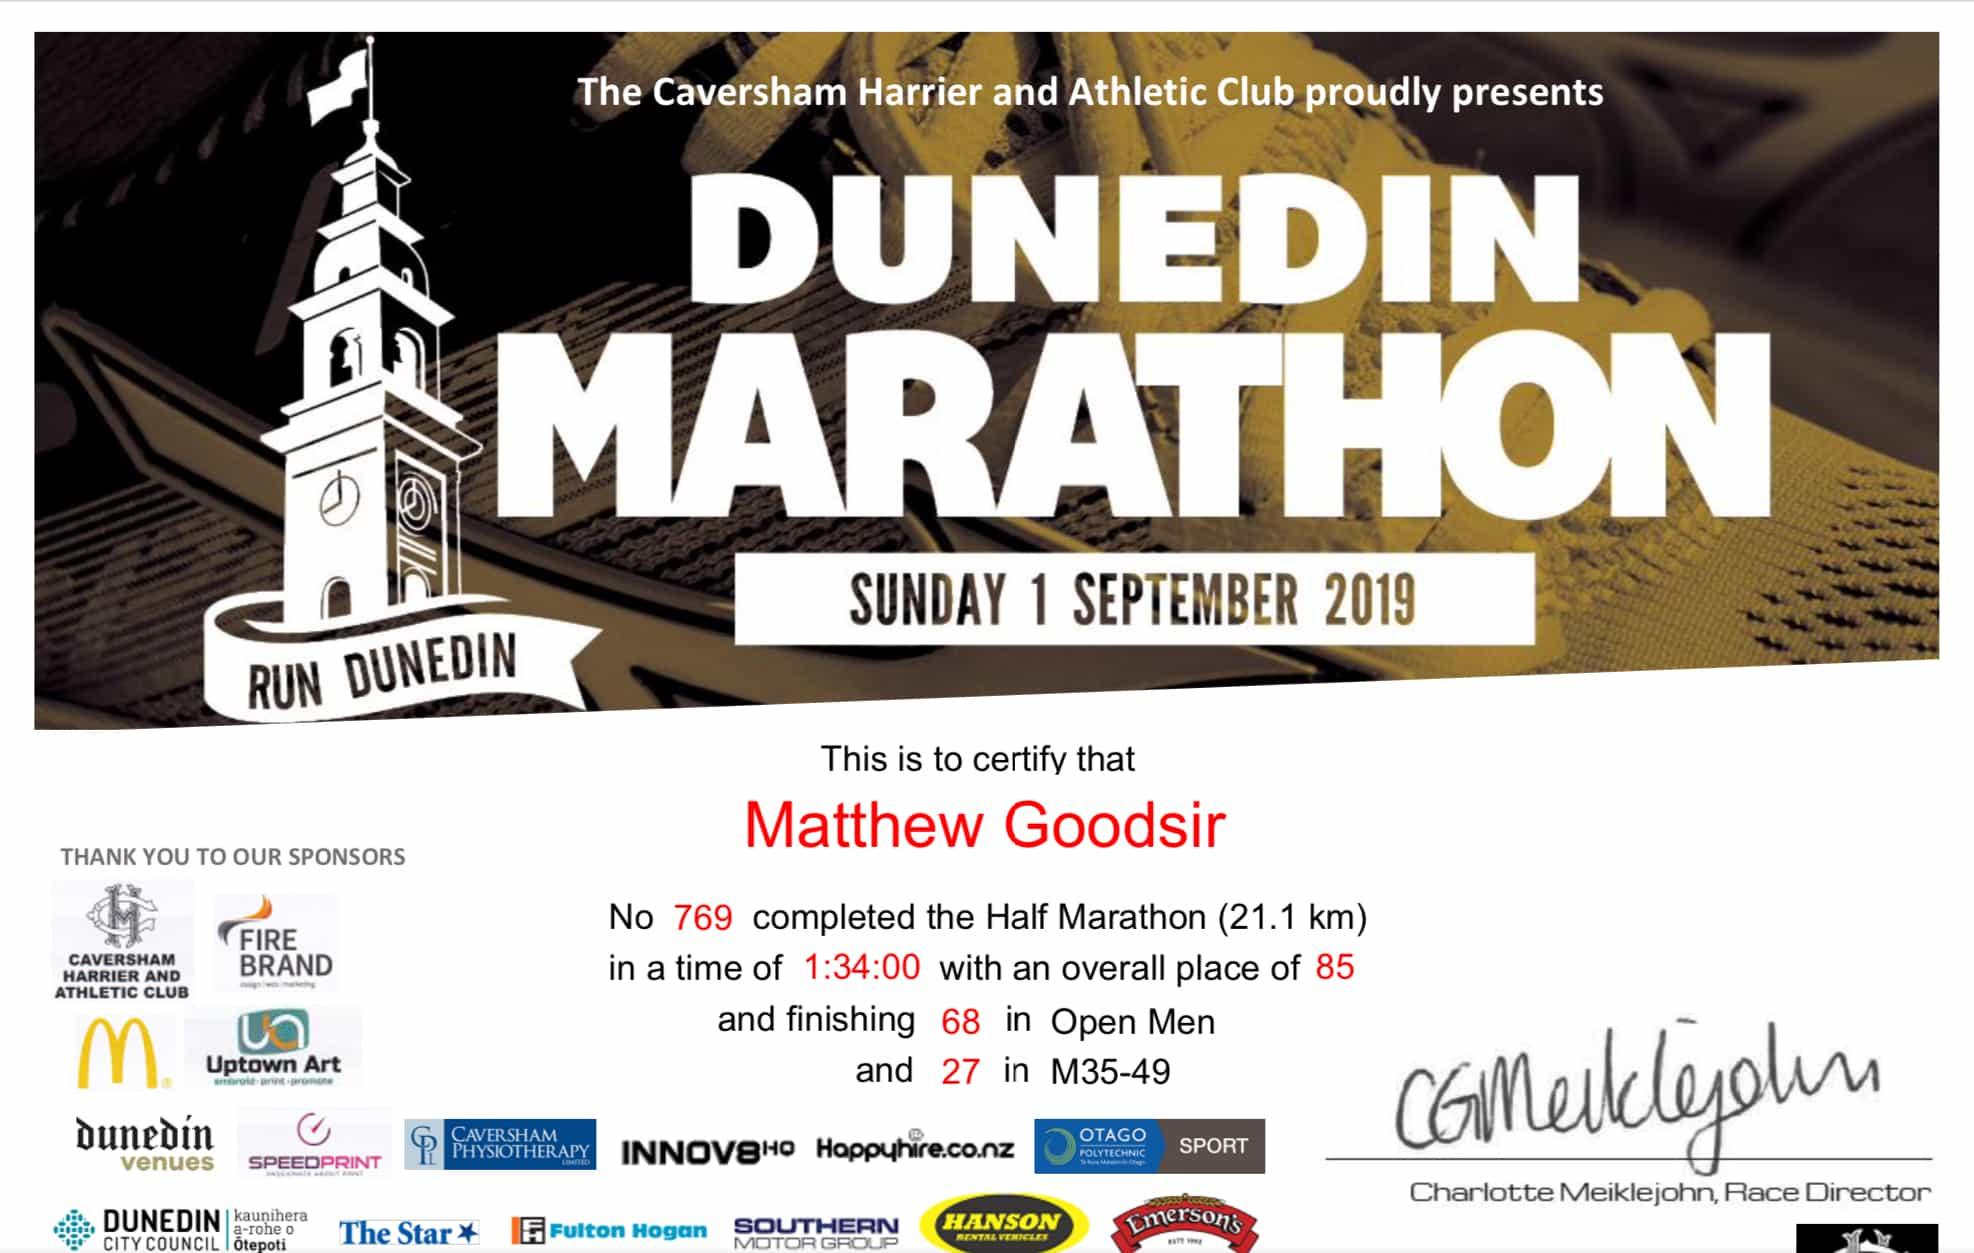 Dunedin 12 Marathon